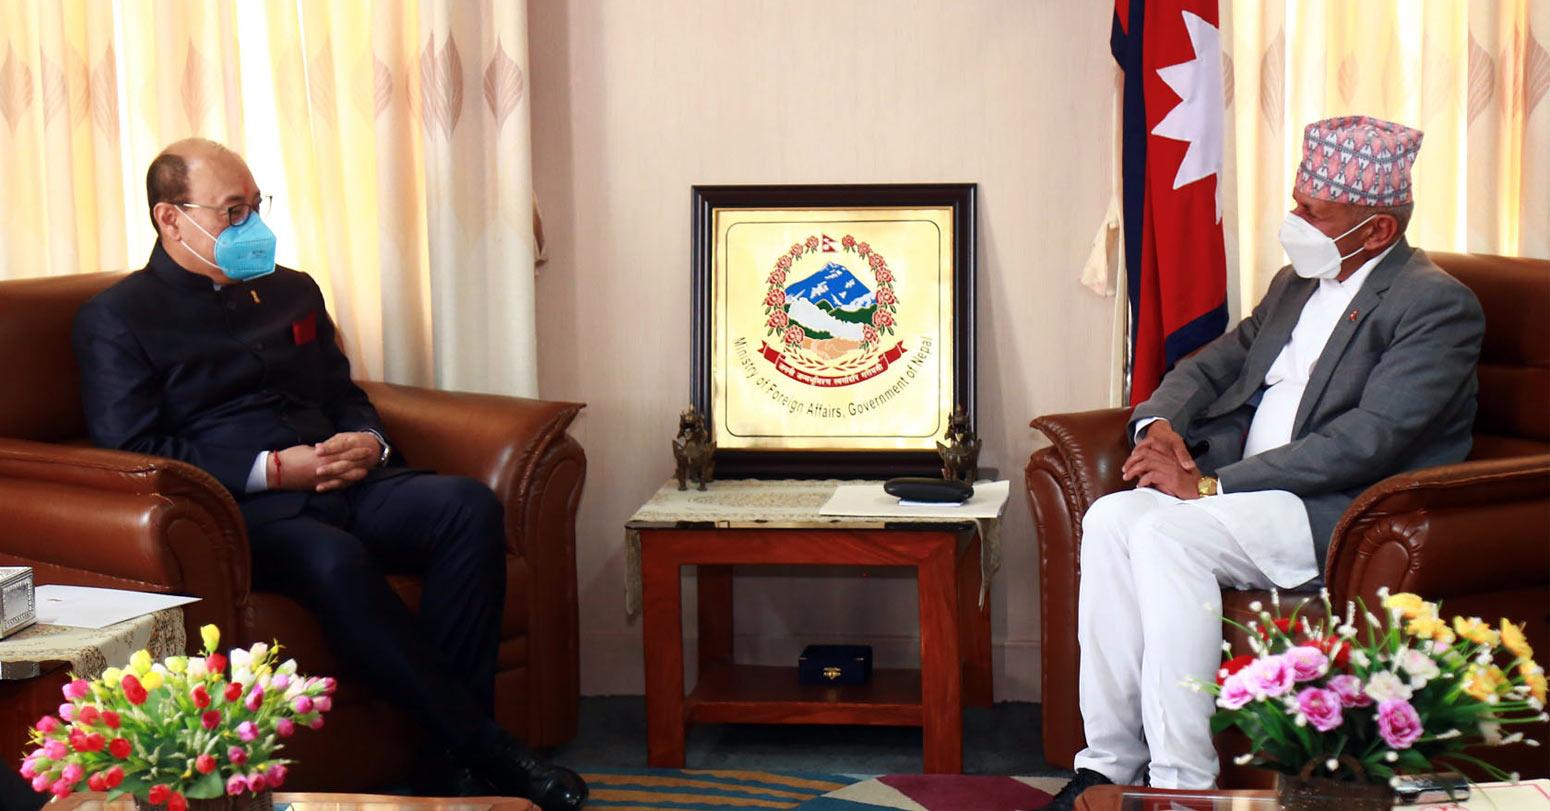 परराष्ट्रमन्त्री ज्ञवाली र भारतीय विदेशसचिव श्रृंगलाबीच भेटवार्ता